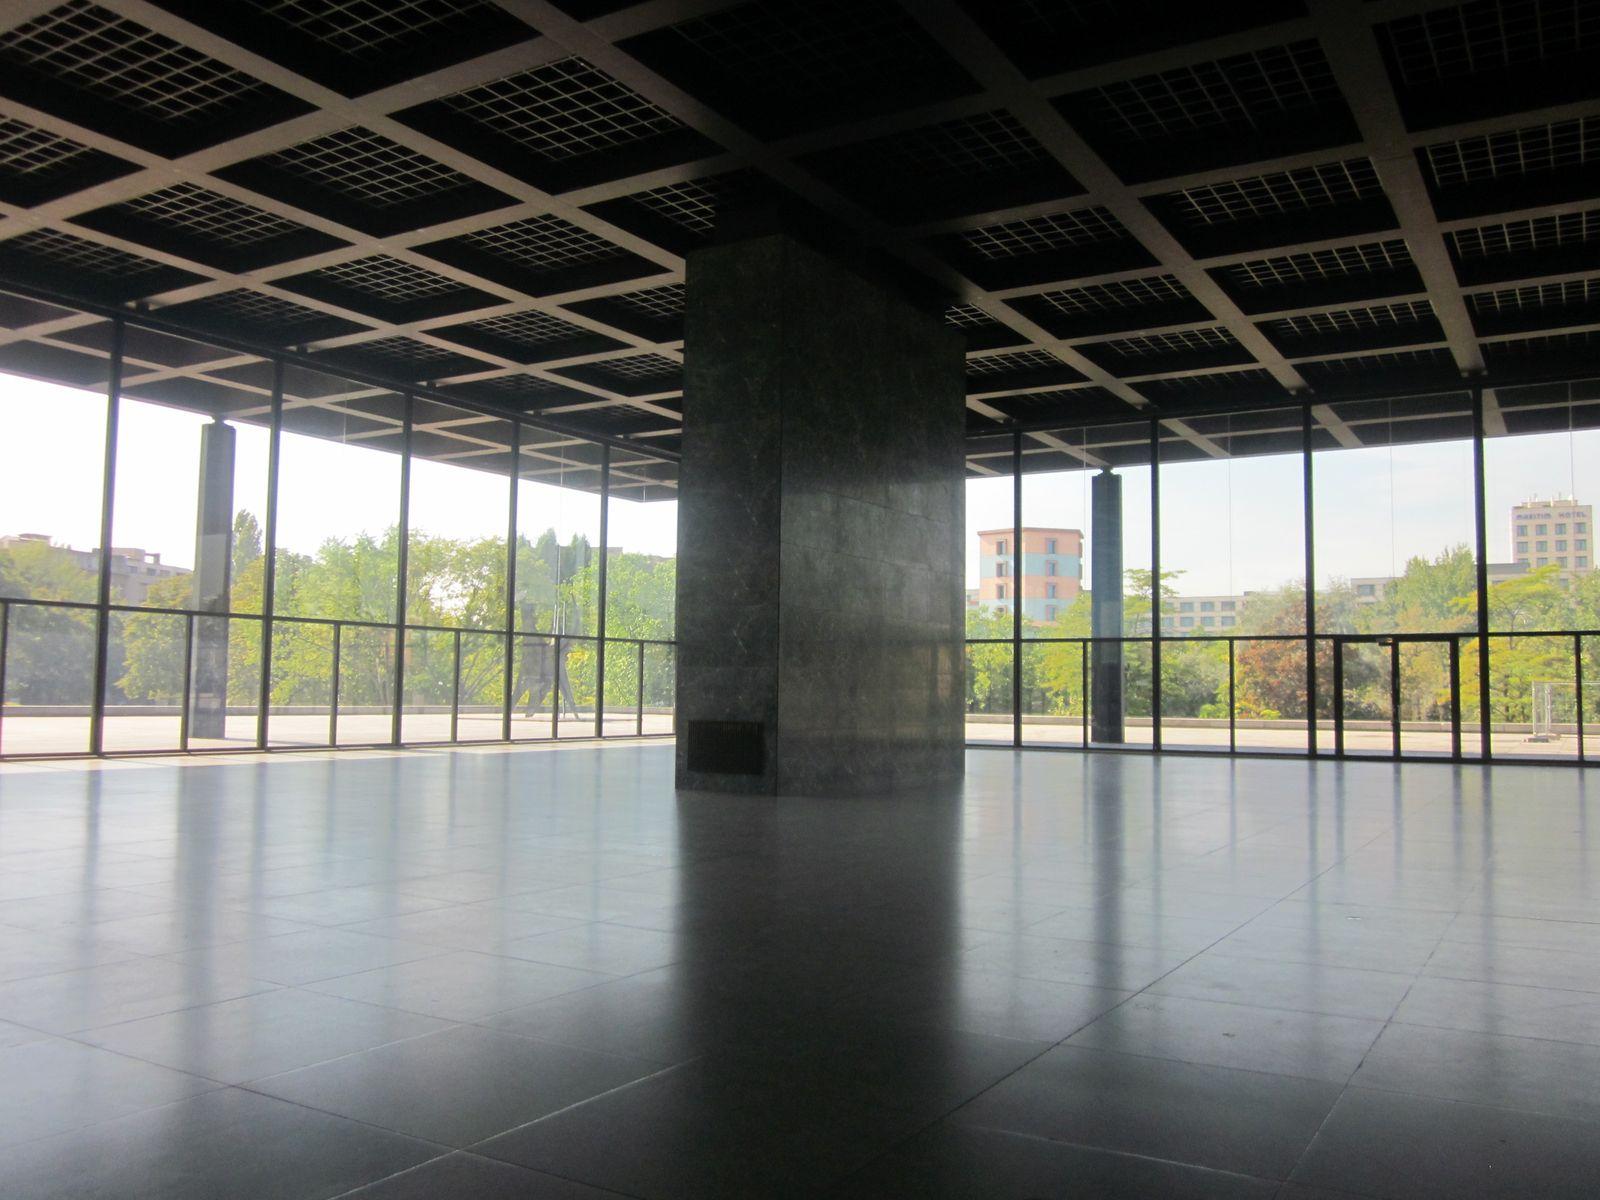 Der leere Raum in der Neuen Nationalgalerie bietet eine einzigartige Atmosphäre, vor allem bei so schönem Sonnenschein.